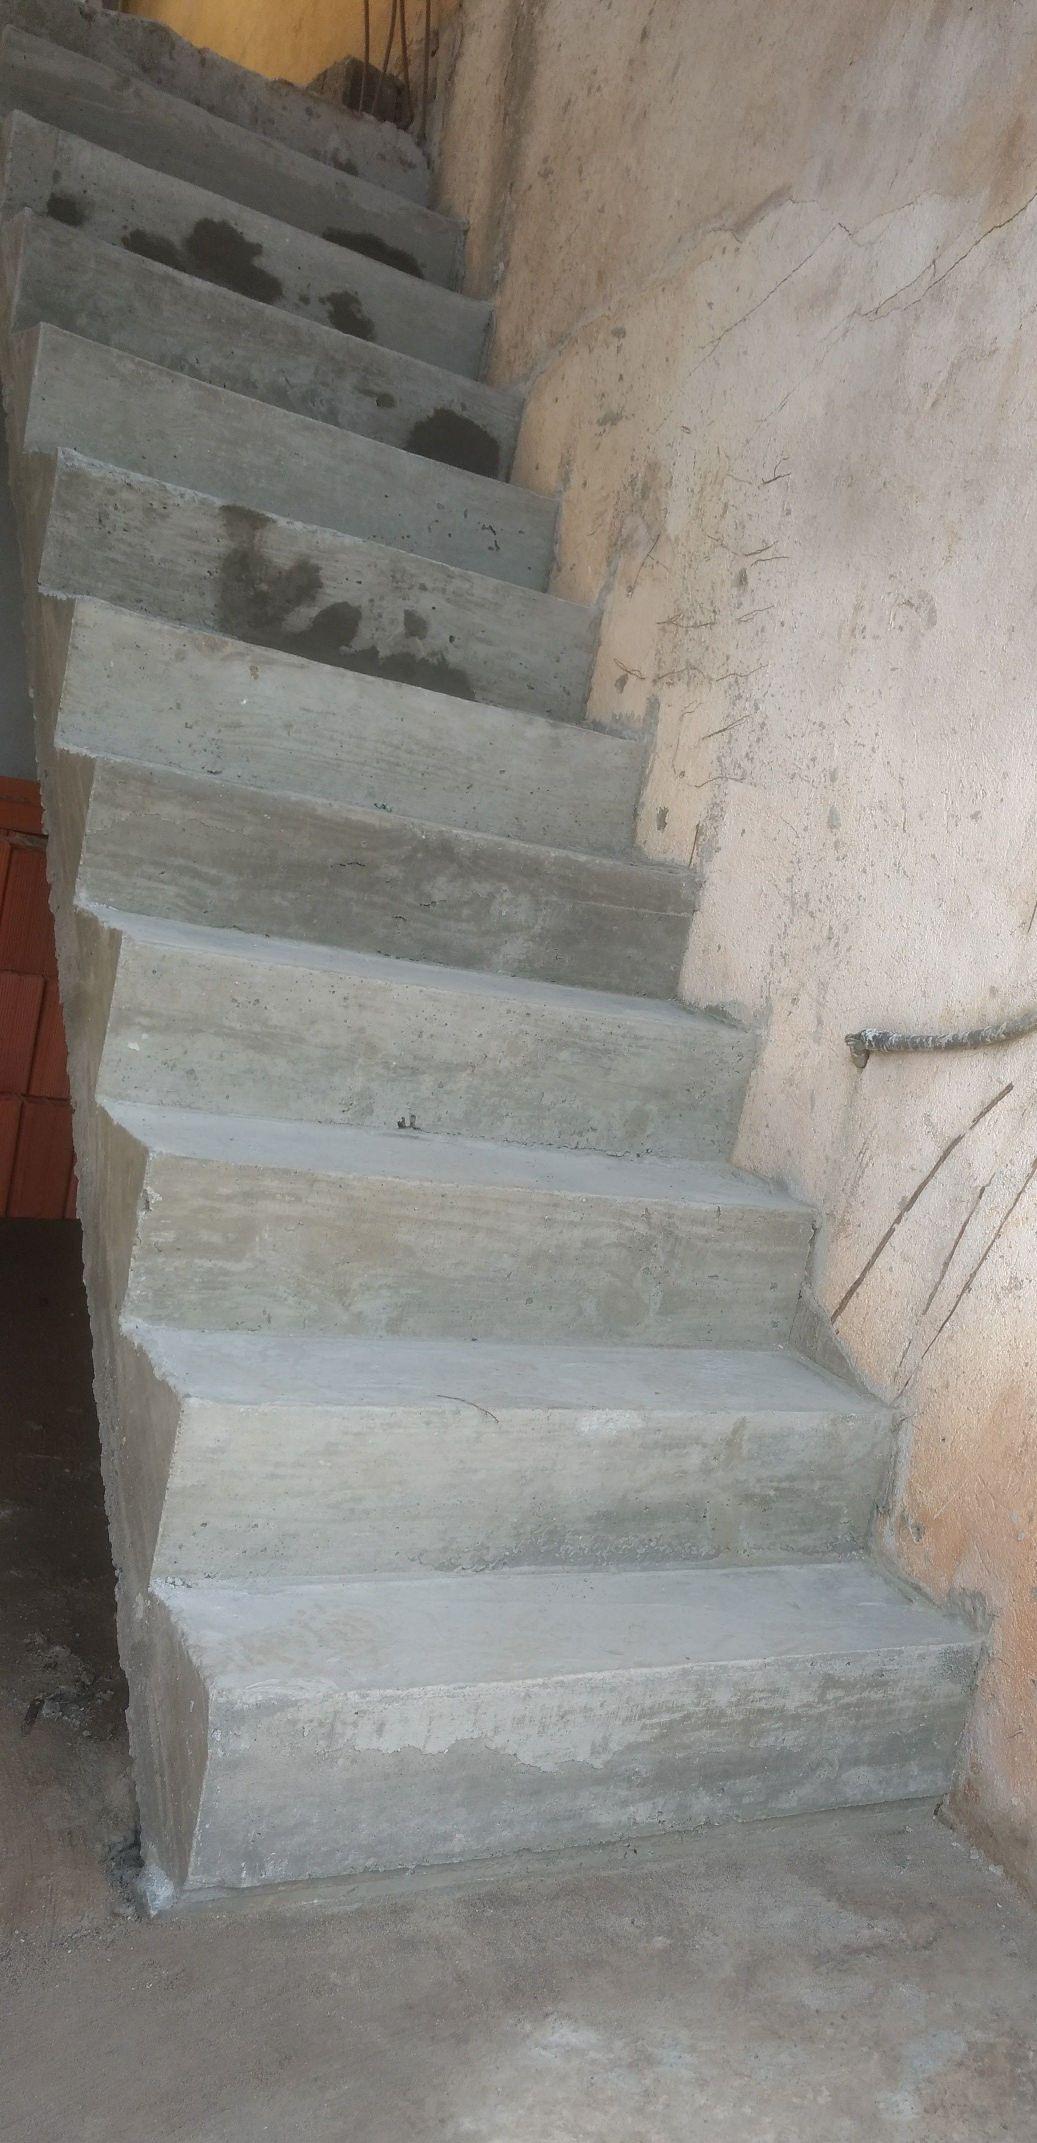 instalação escada